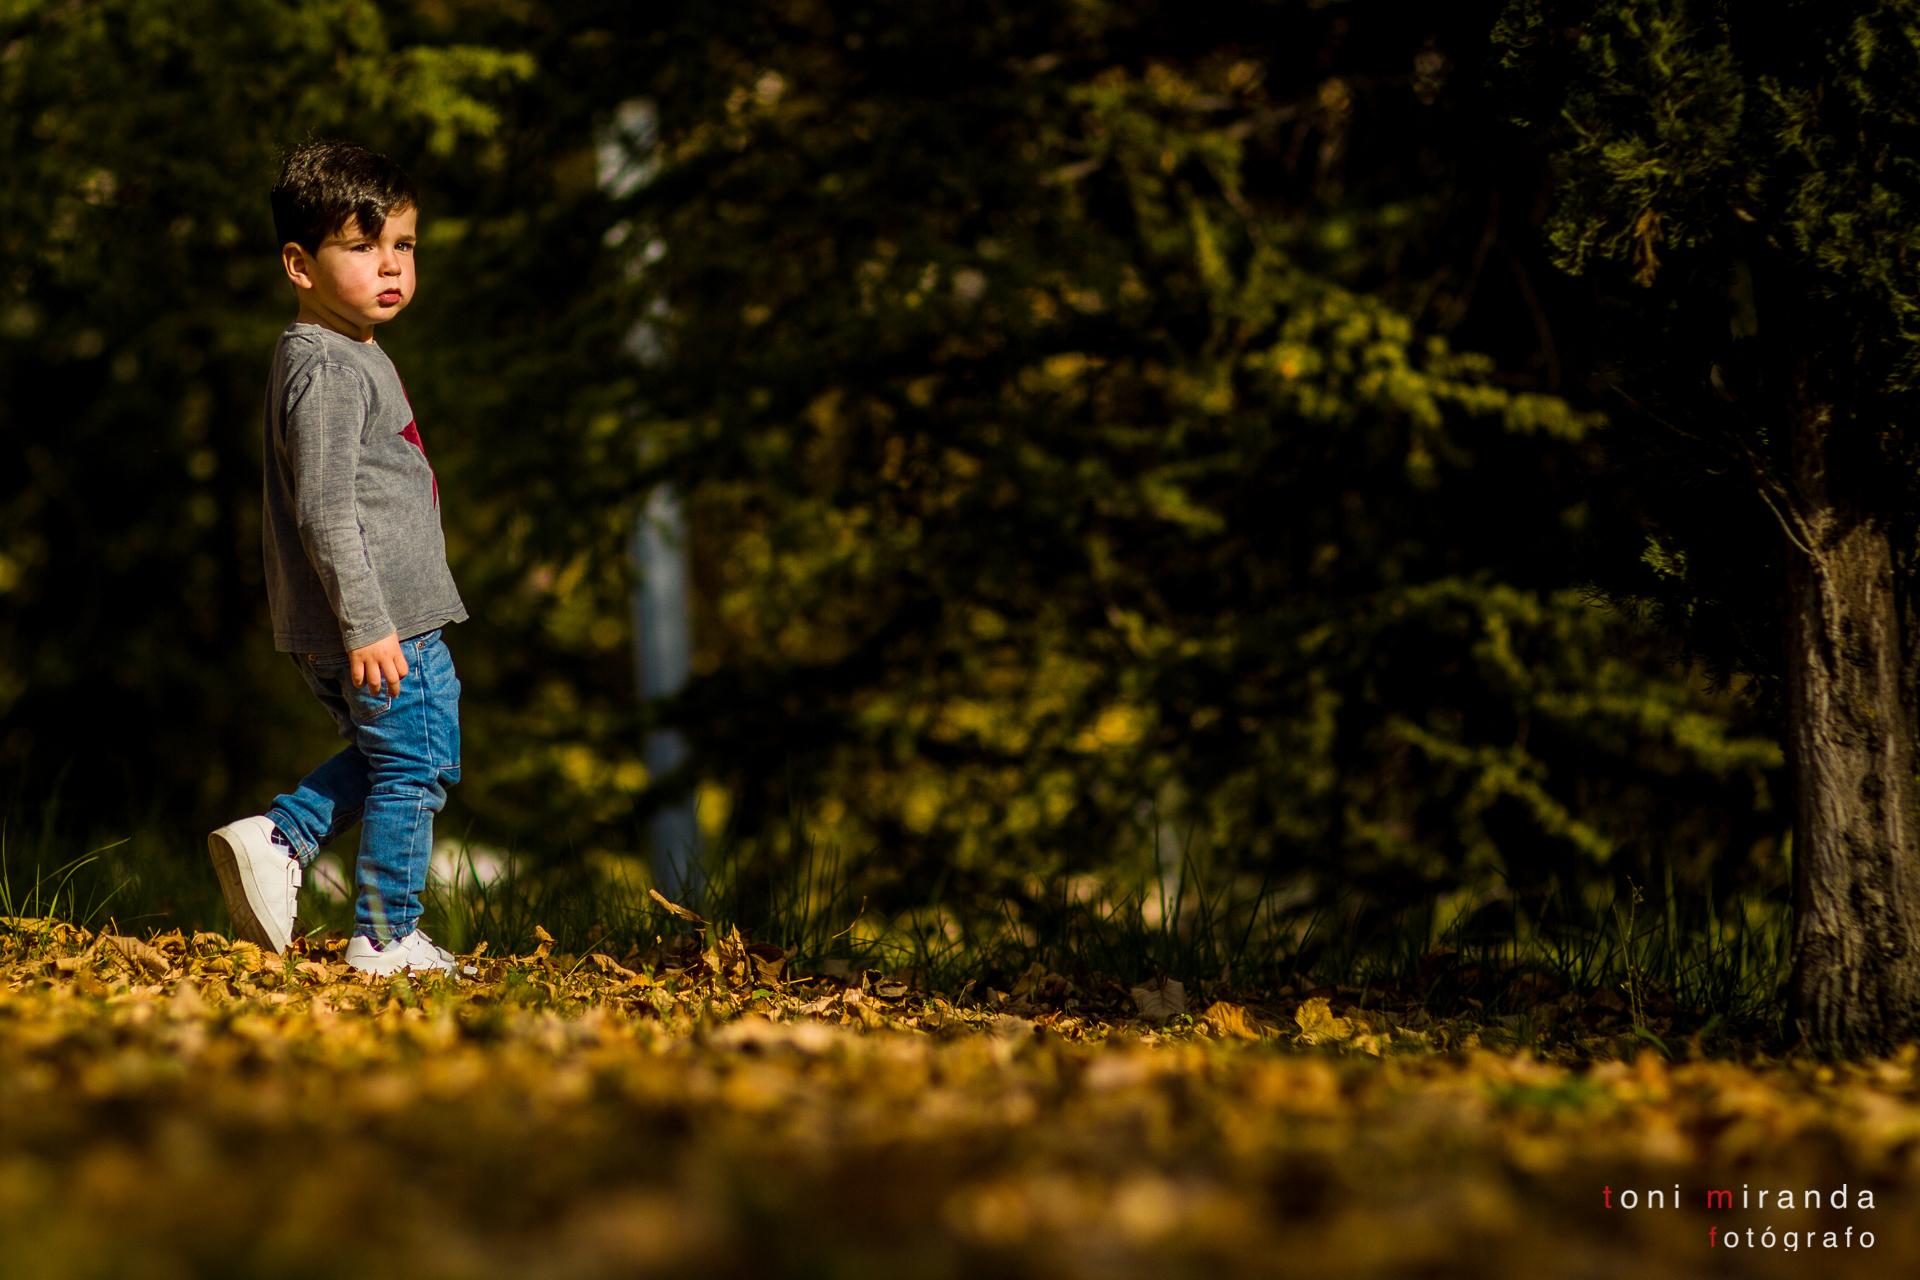 reportaje infantil en exteriores